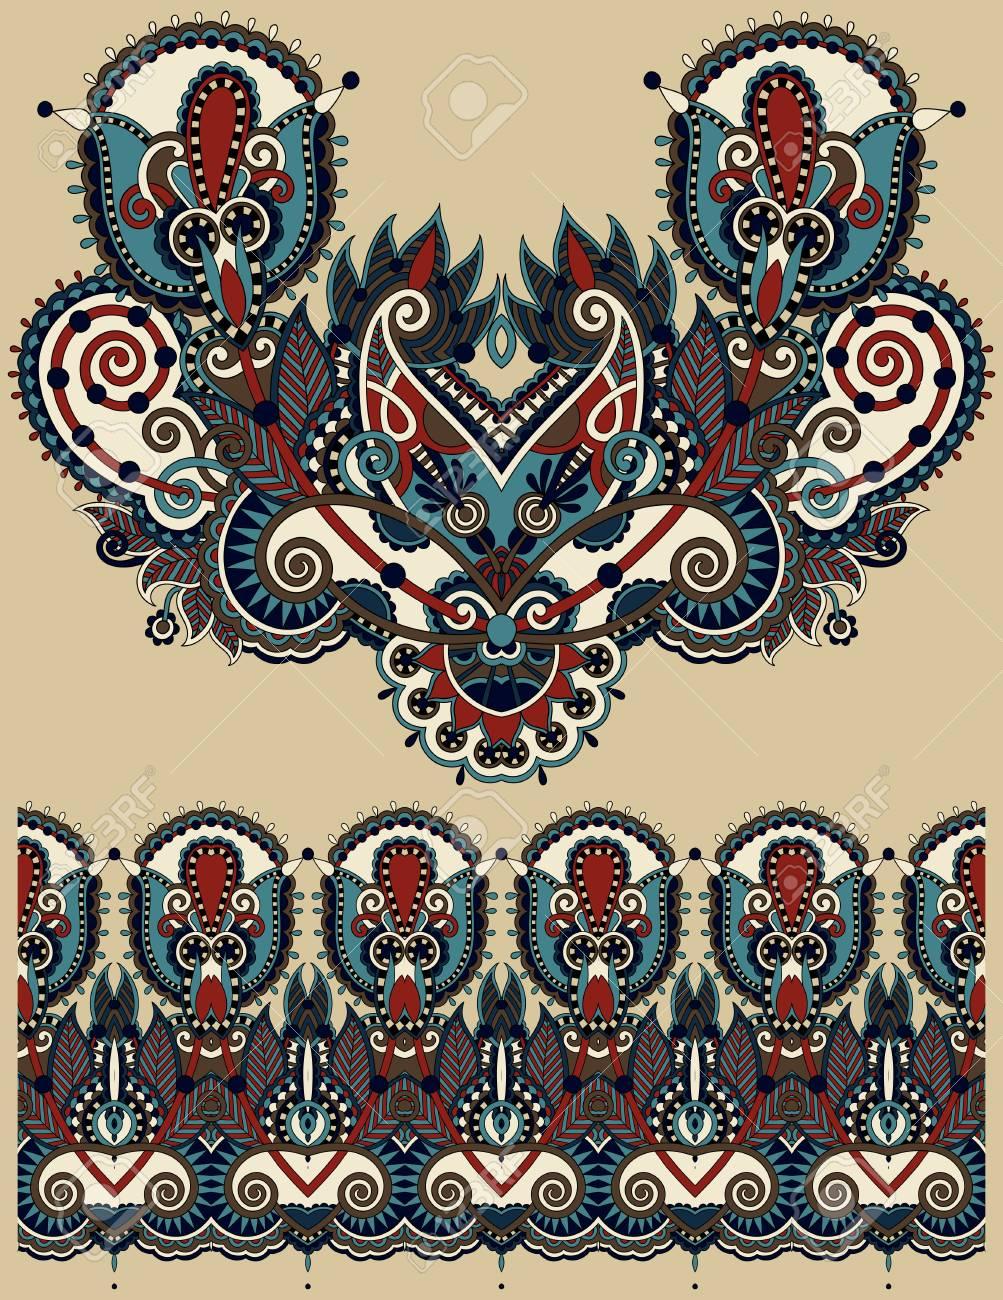 Escote Diseño De Moda Del Bordado Paisley Floral Adornado Estilo étnico Ucraniano Un Buen Diseño De La Ropa De Impresión O Camisa